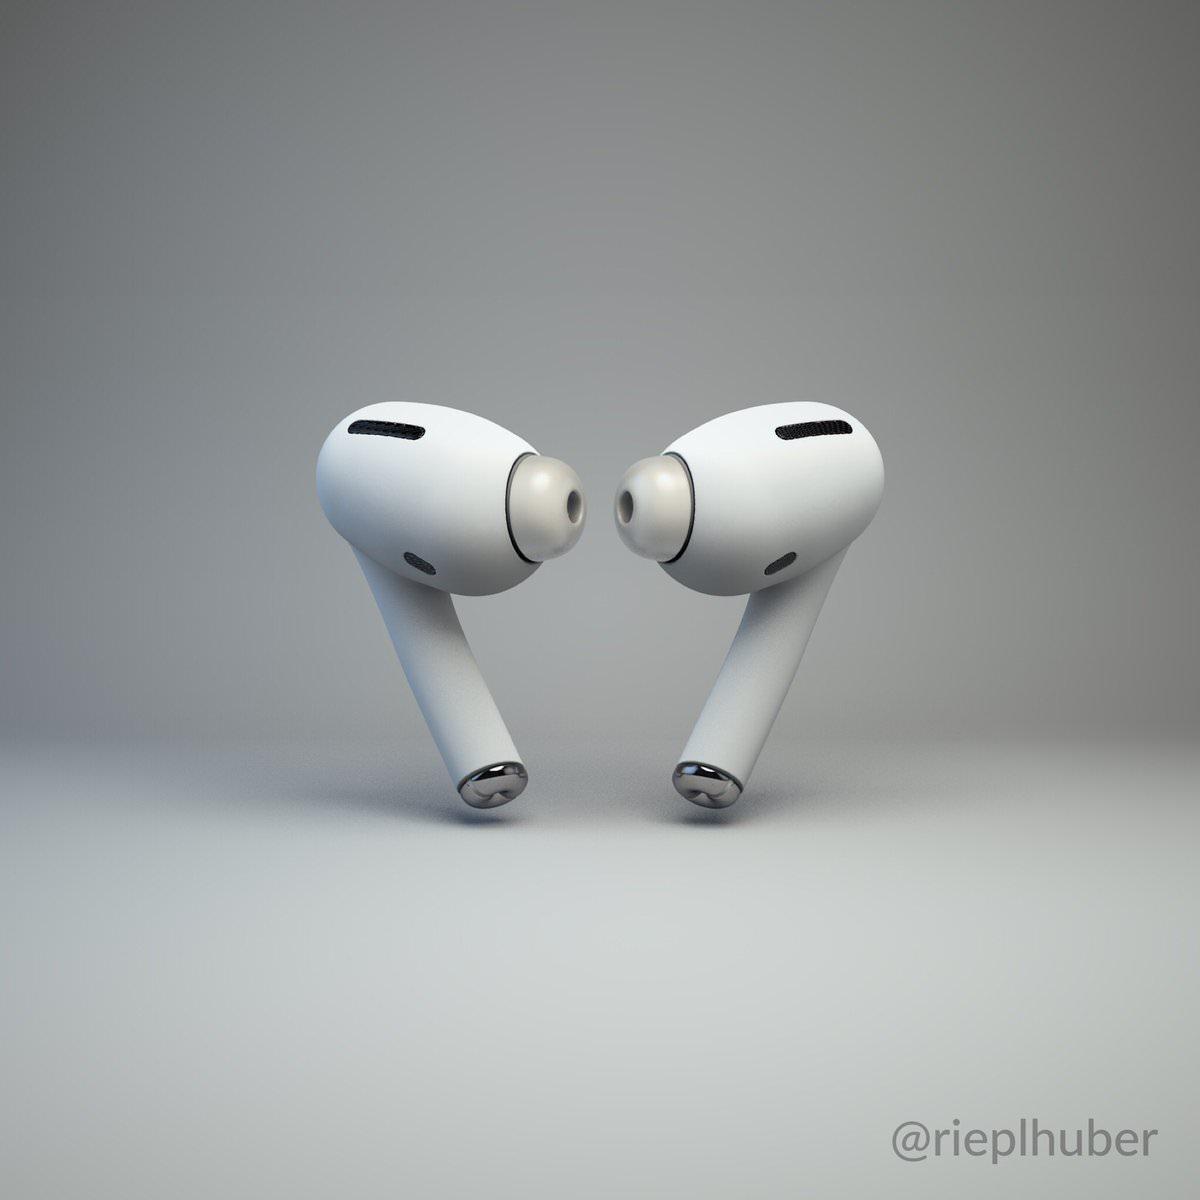 ノイズキャンセル搭載の新型「AirPods」はこうなる?最新リーク情報から作られたレンダリング画像